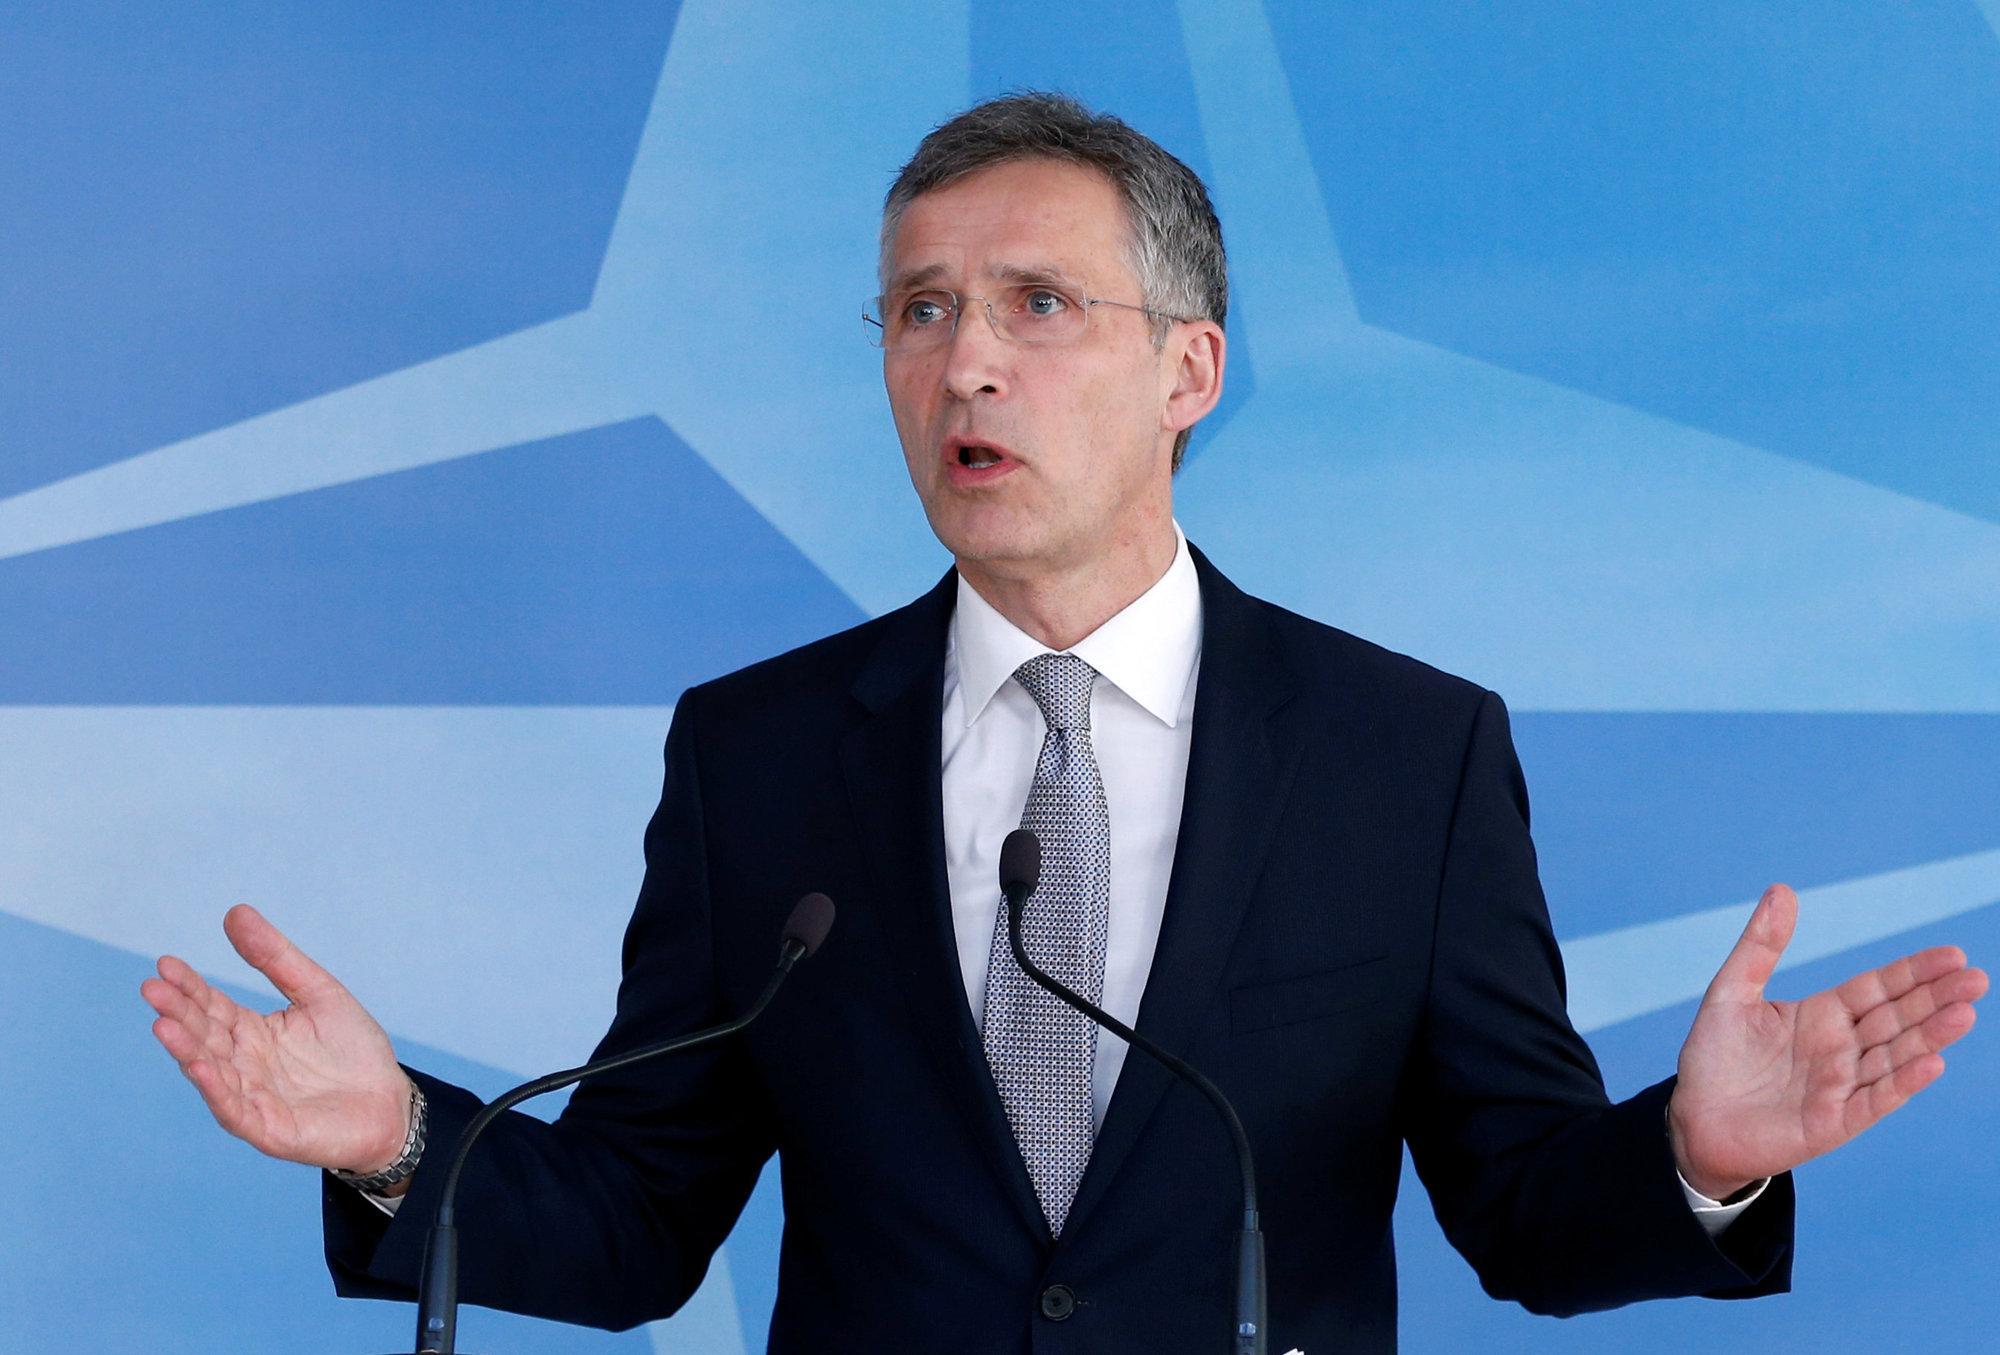 Посол США: НАТО обождет с экспансией, дабы не усугублять проблем России